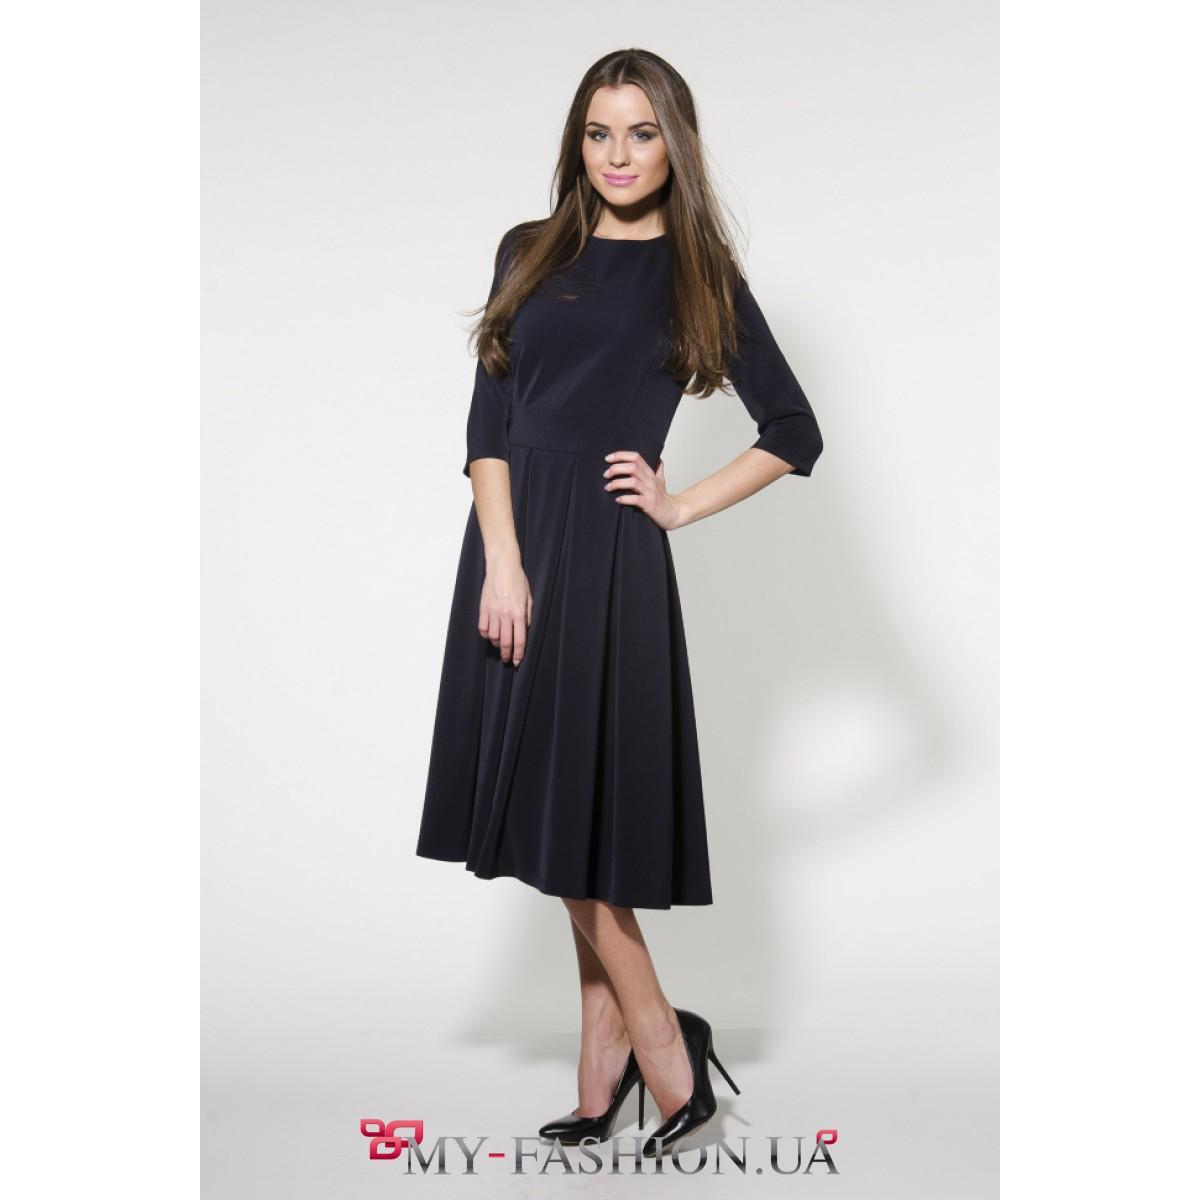 Фото платья синего цвета